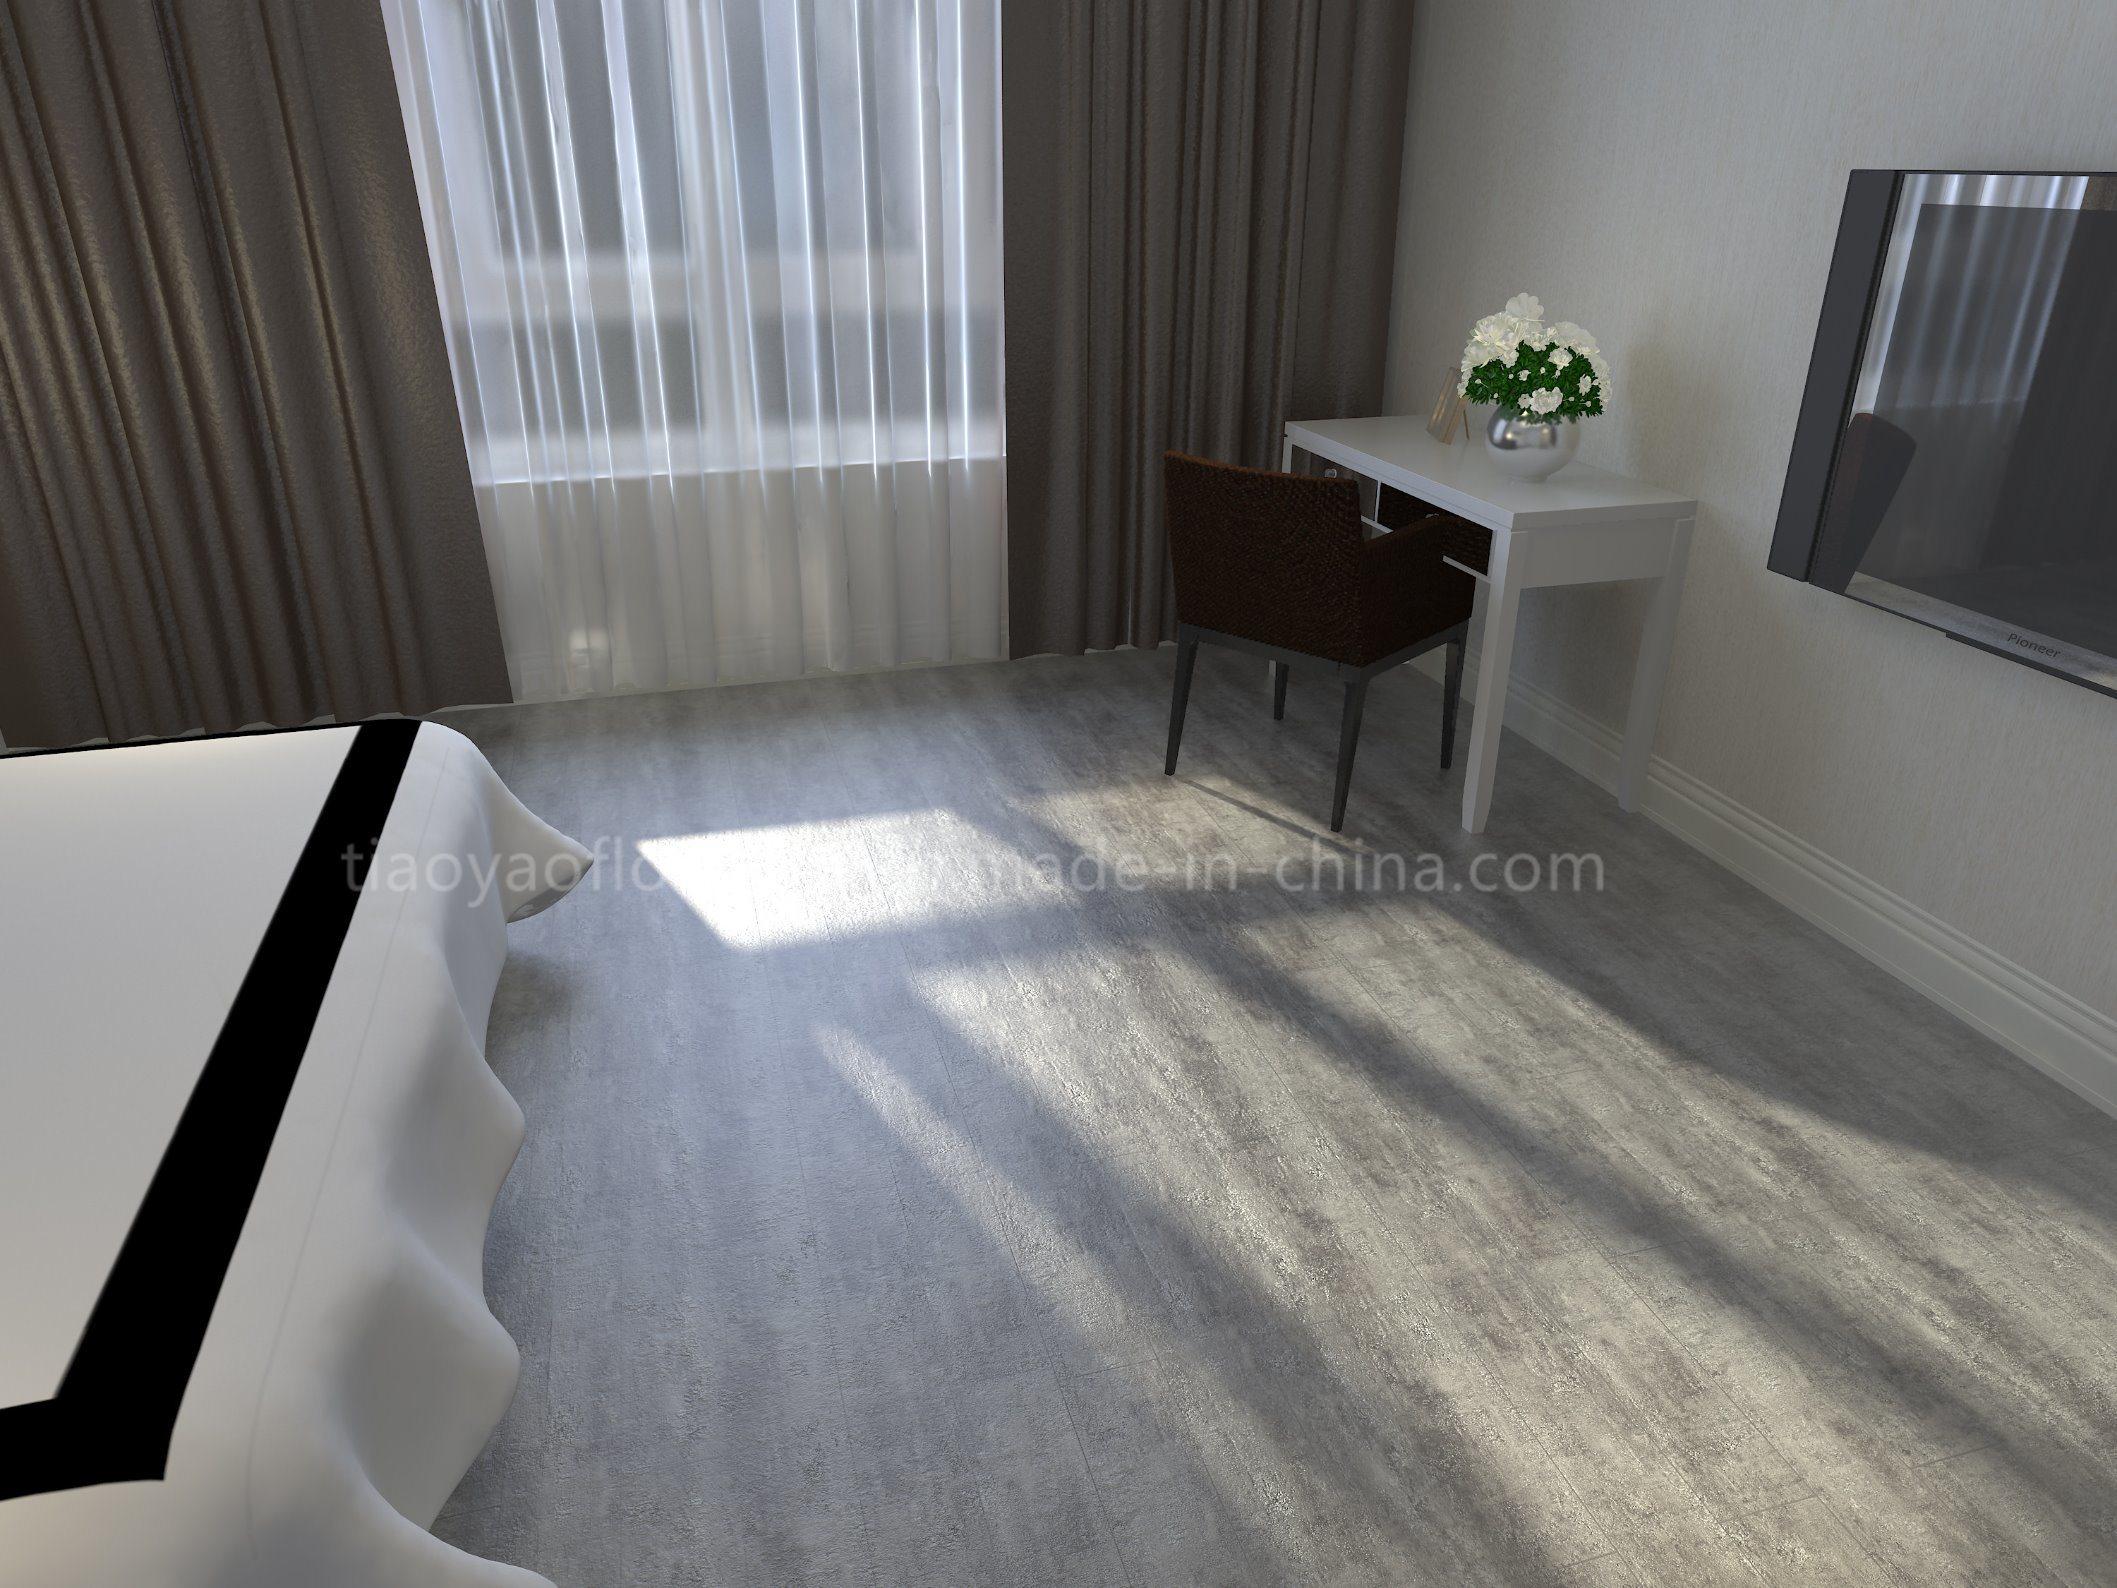 floor marvelous grade contractor tiles michigan floors flooring commercial industrial gallery intended vinyl